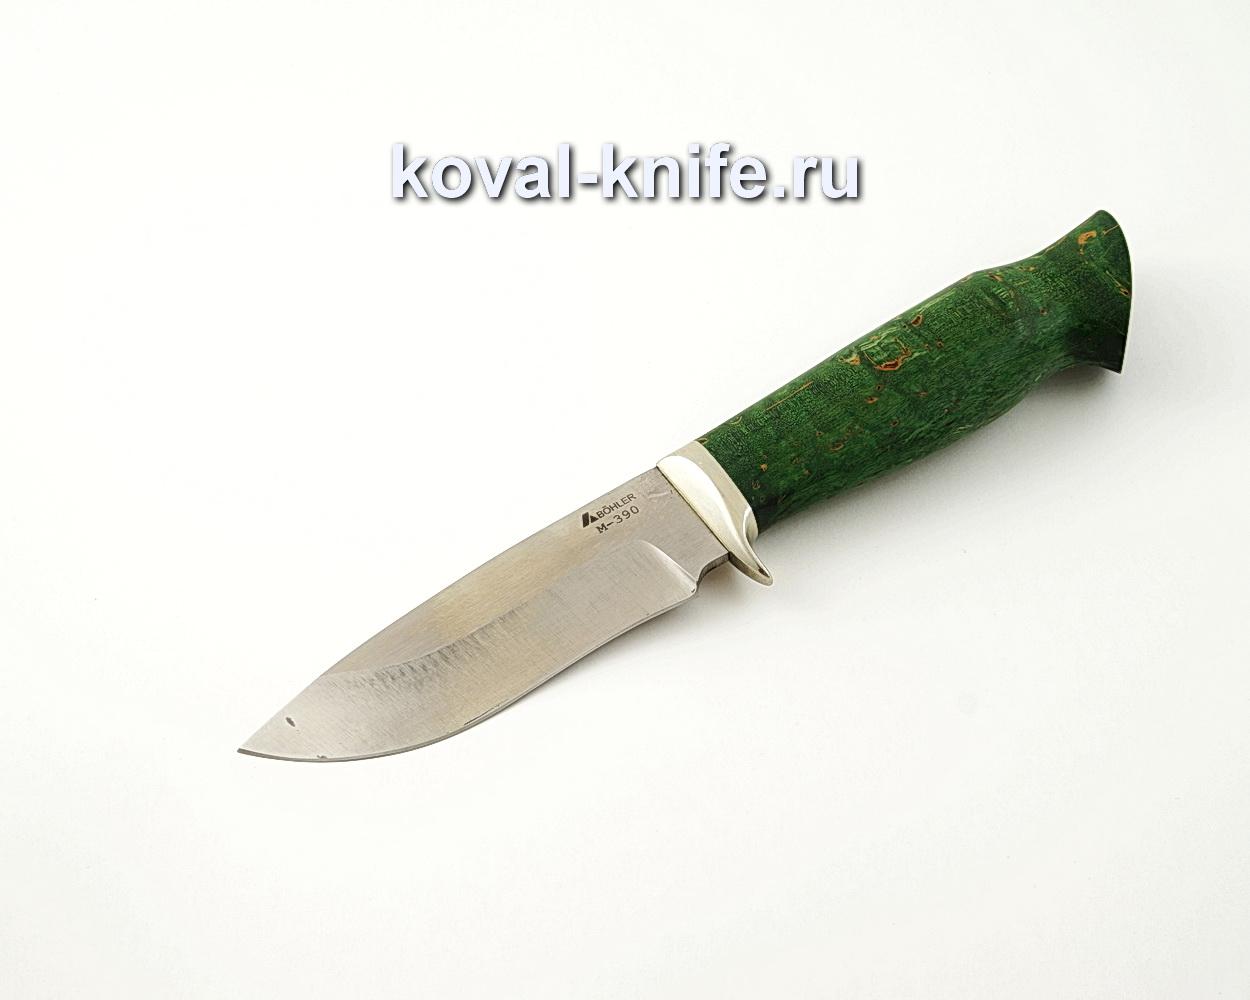 Нож Сапсан-2 из порошковой стали М390 с рукоятью из стабилизированной карельской березы, гарда мельхиор A524